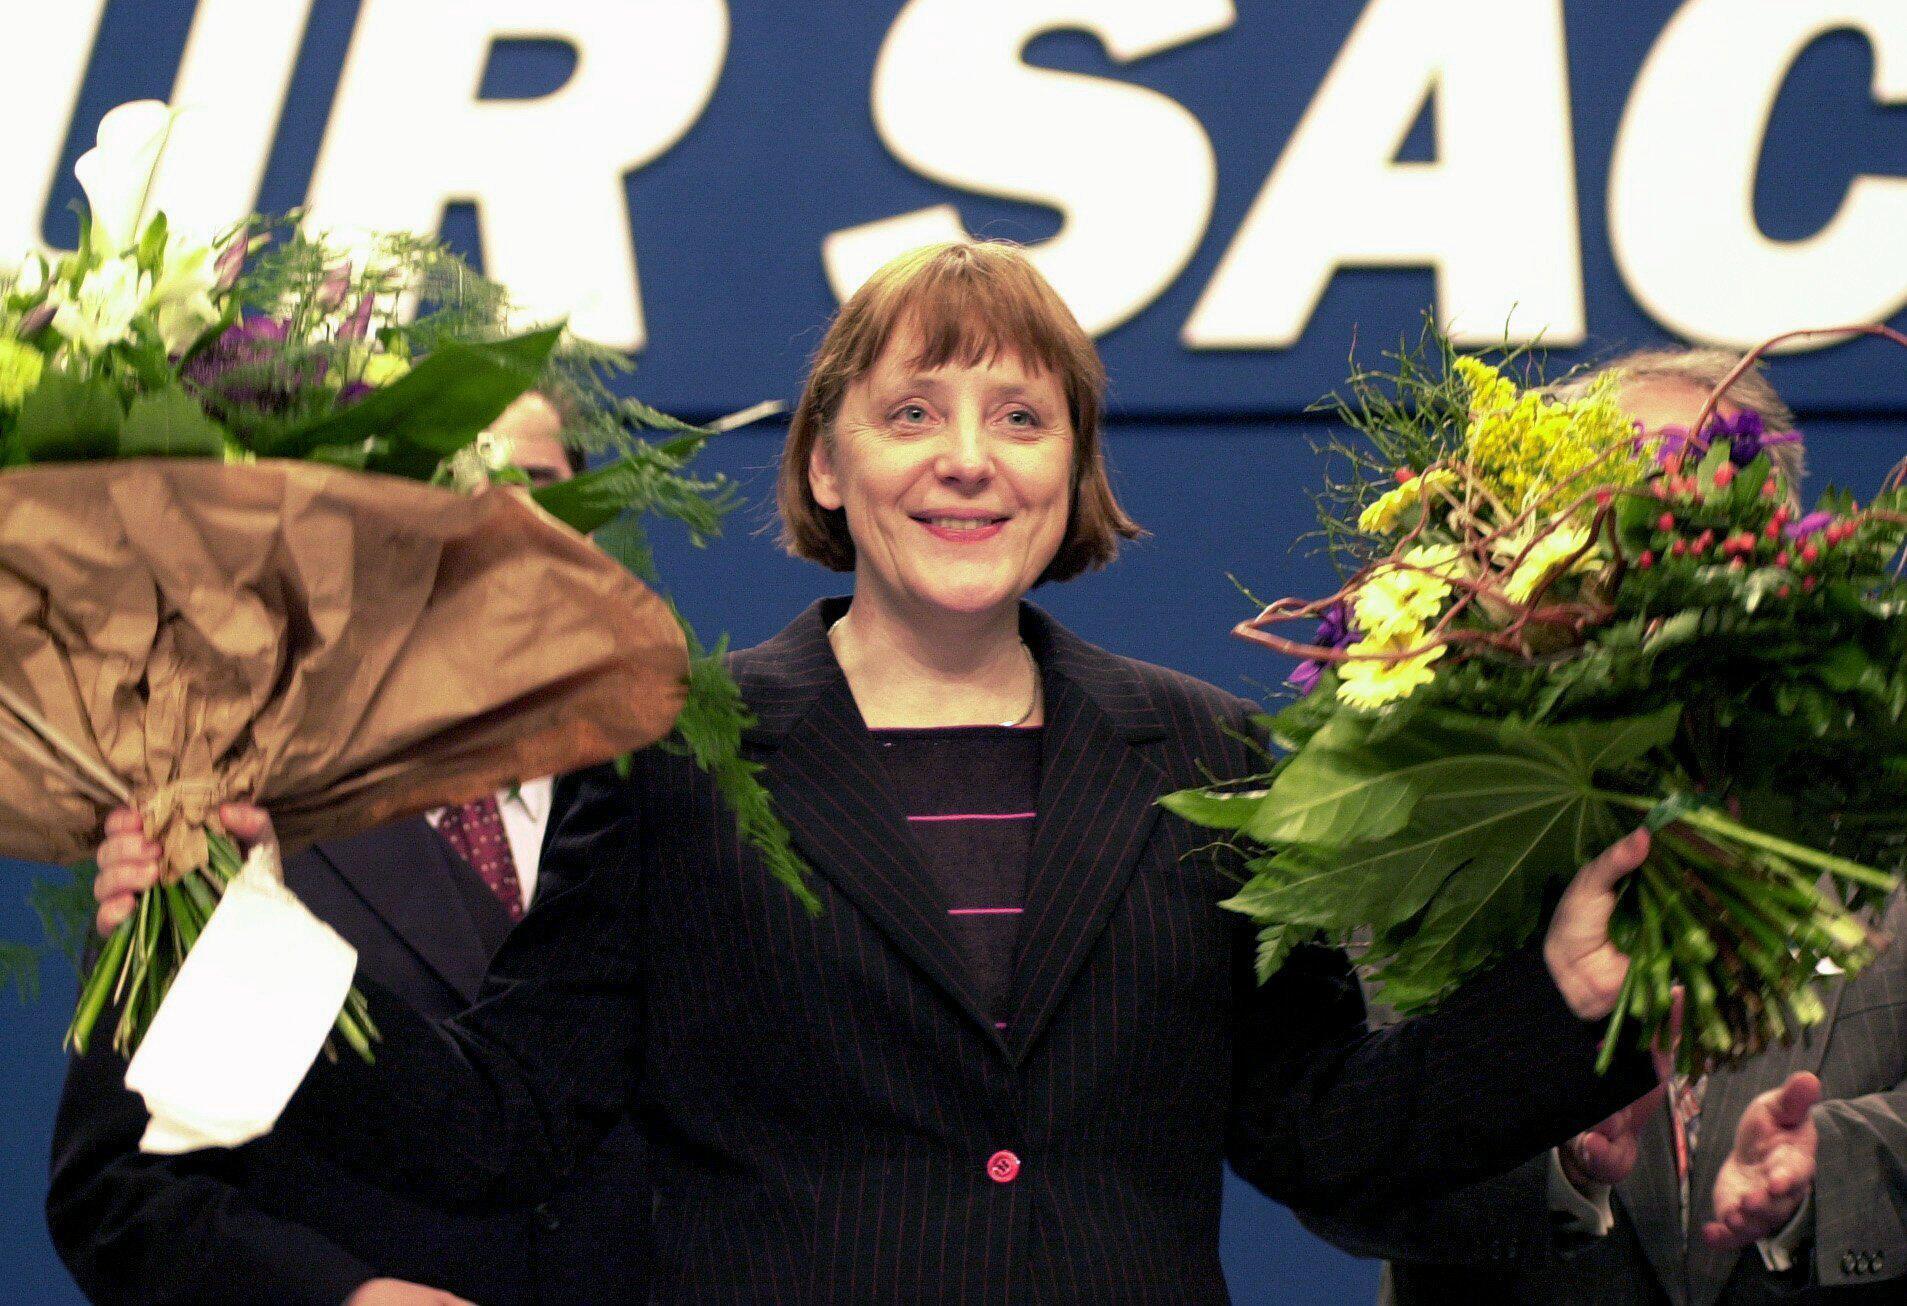 Bild zu Angela Merkel, Bundestagswahl, Kohl, Flüchtlingskrise